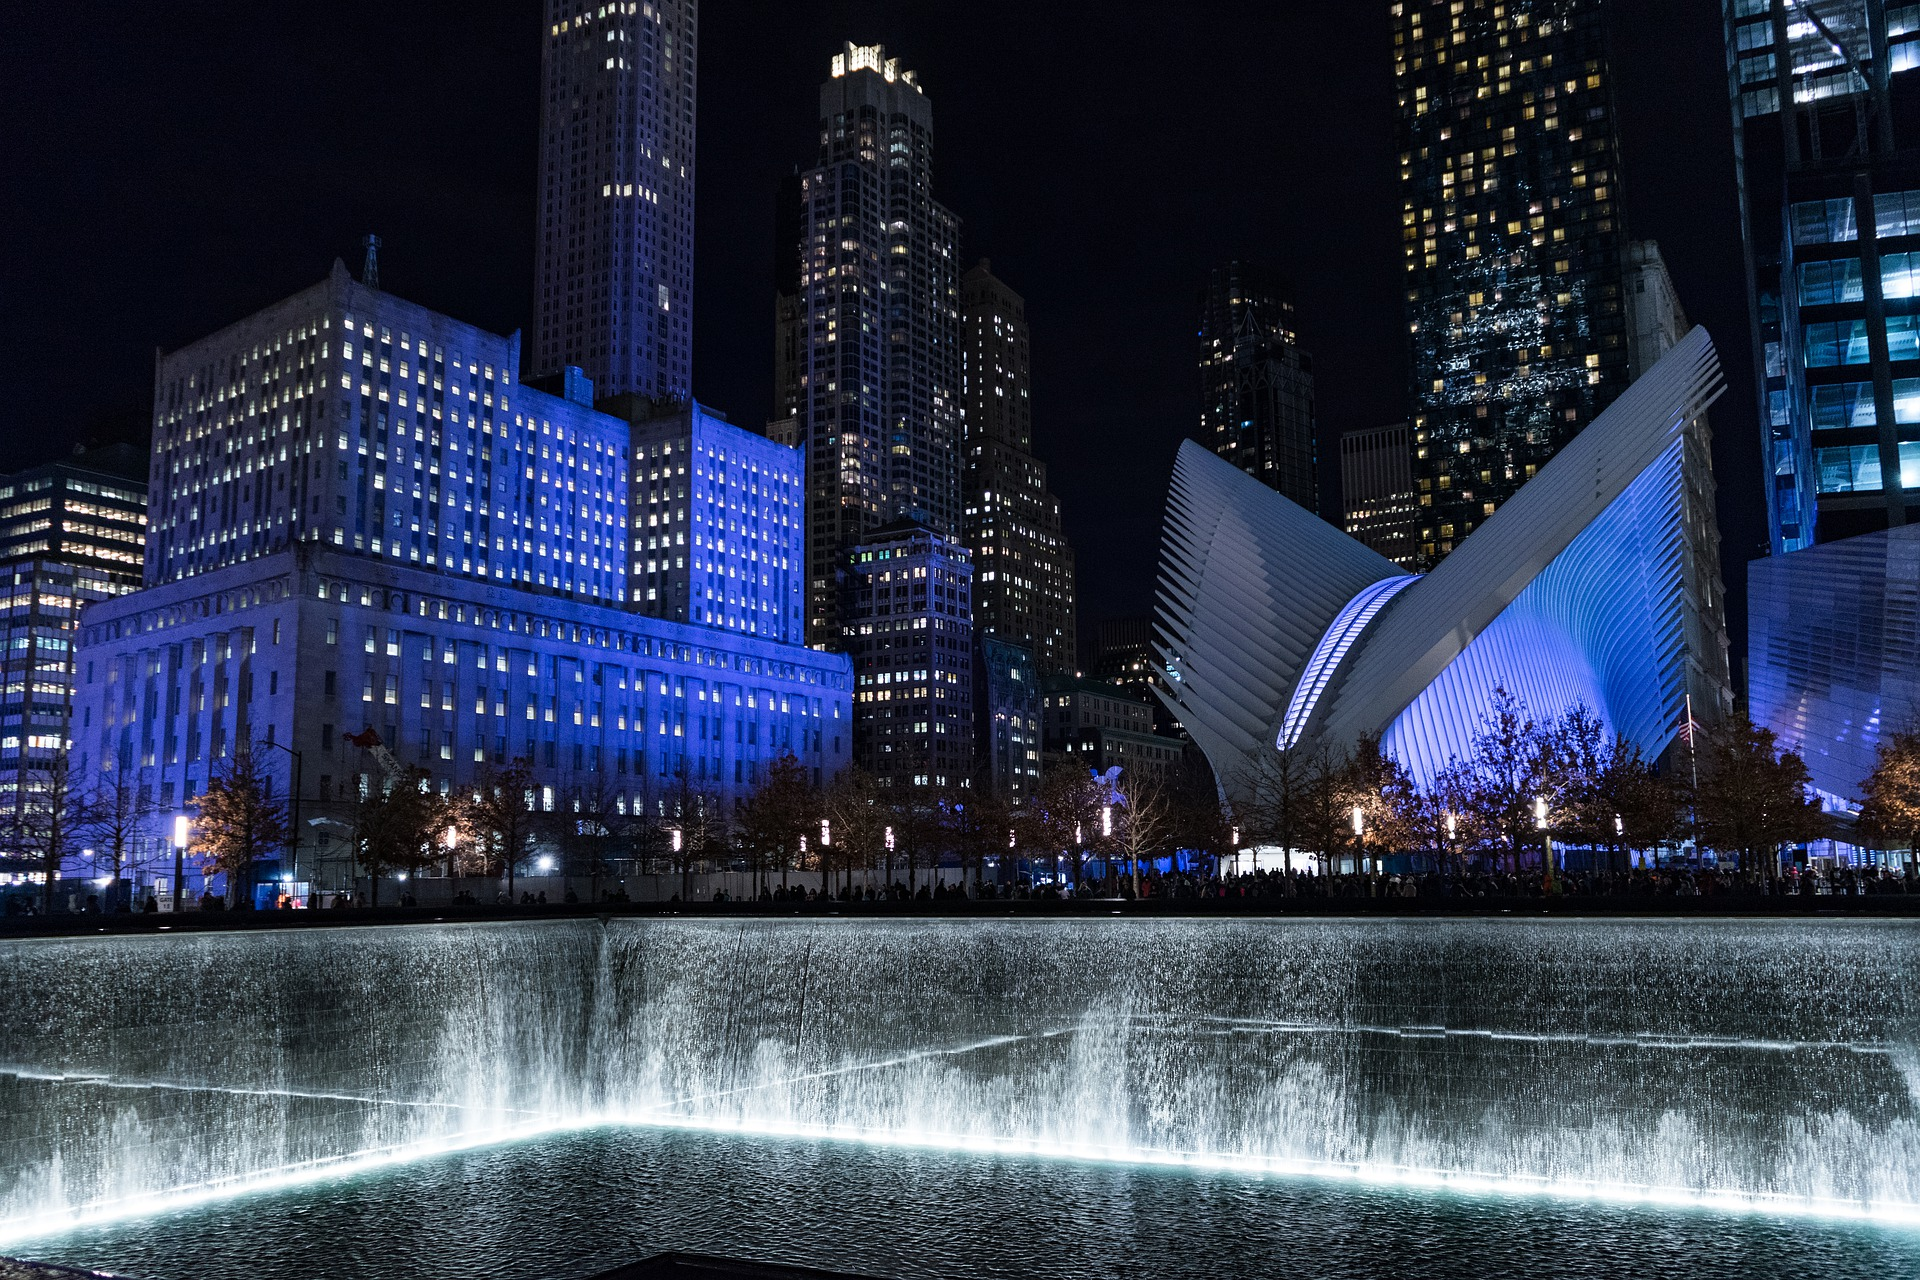 9/11 Memorial at night